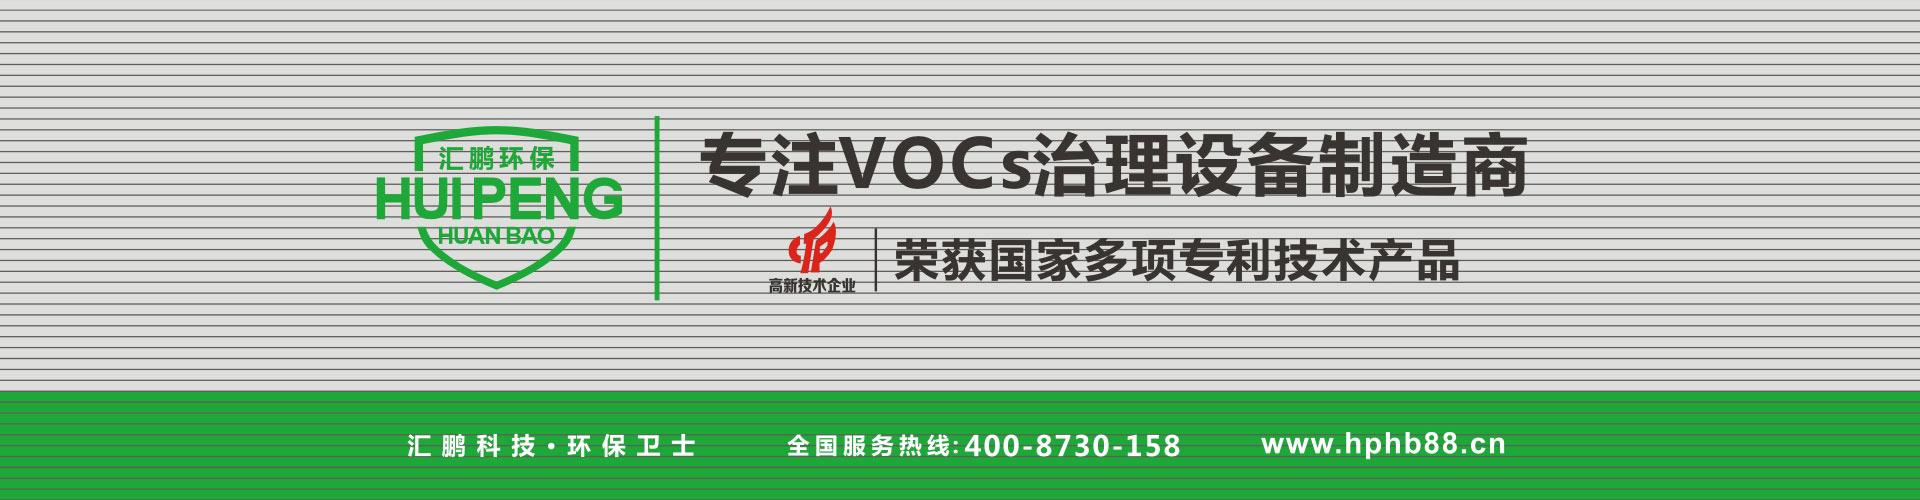 VOC新利18体育app处理,新利18体育app处理设备,新利18体育app处理设备厂家